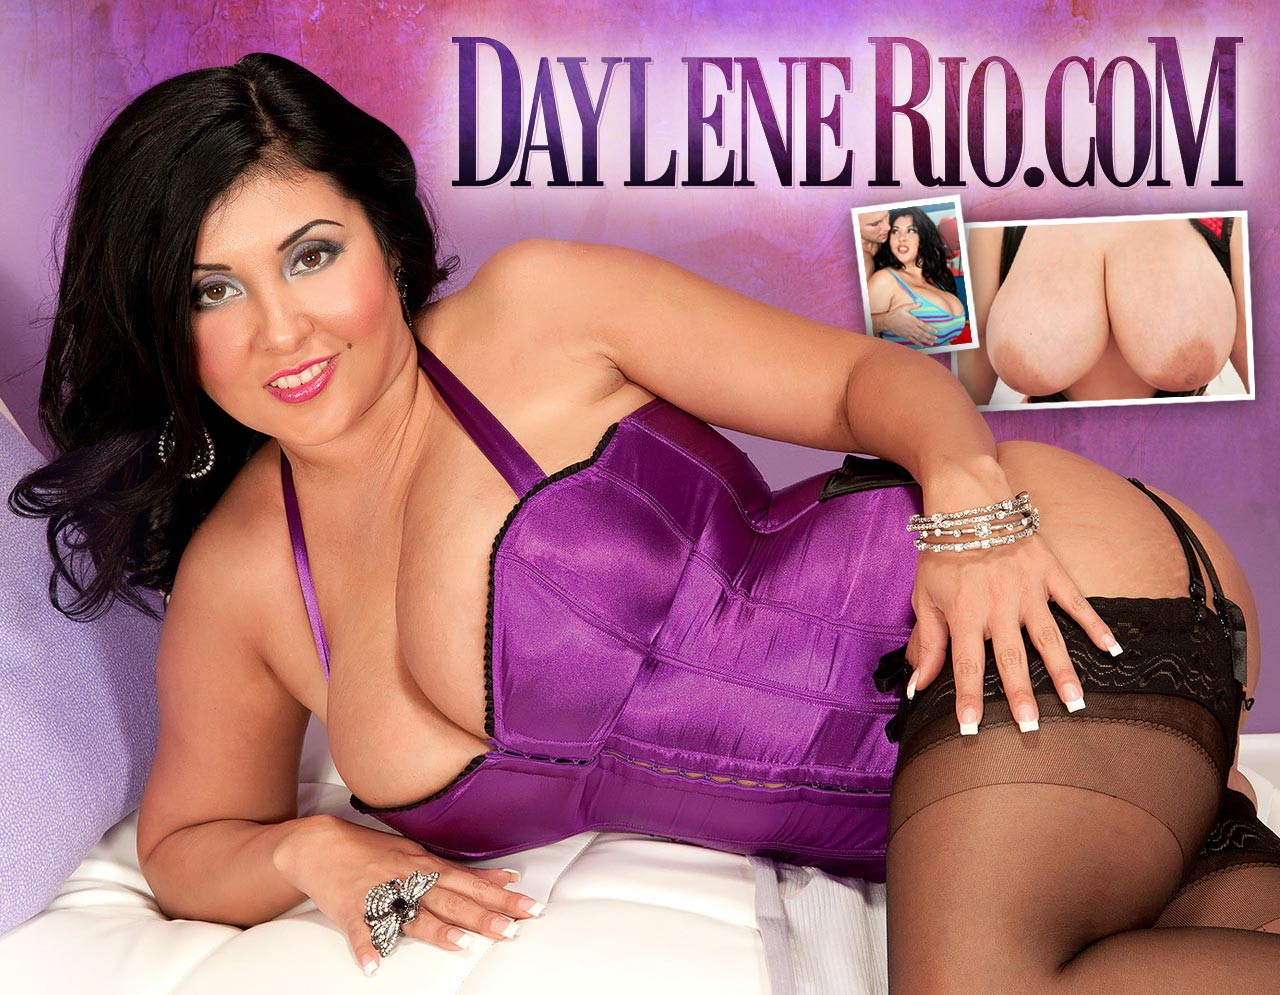 daylenerio.com